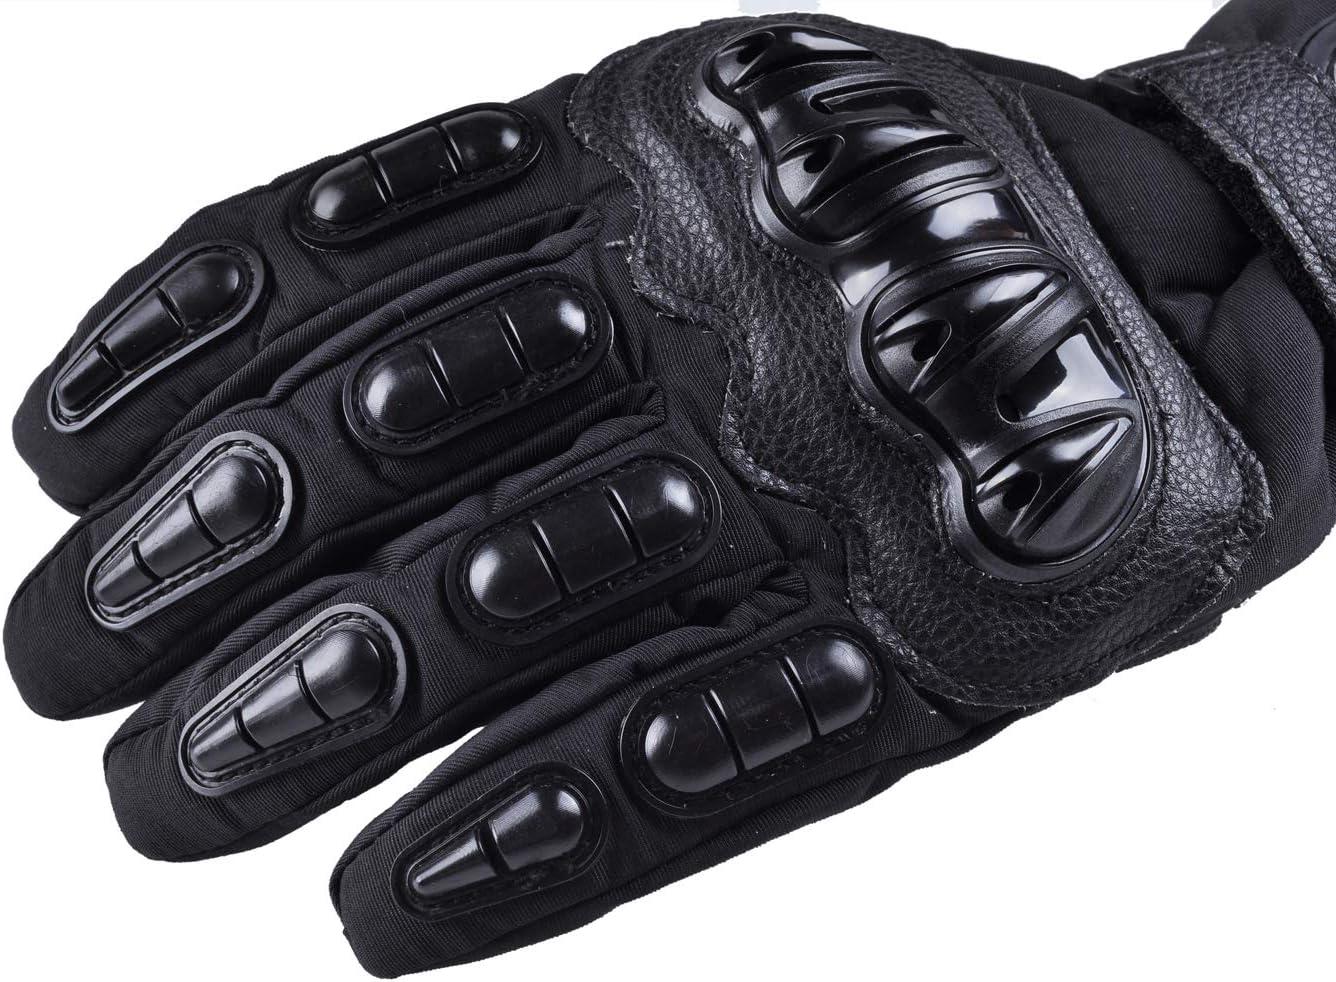 XX-Large, black MADBIKE Gants de moto /Écran tactile /étanche Gants de moto hiver pour hommes